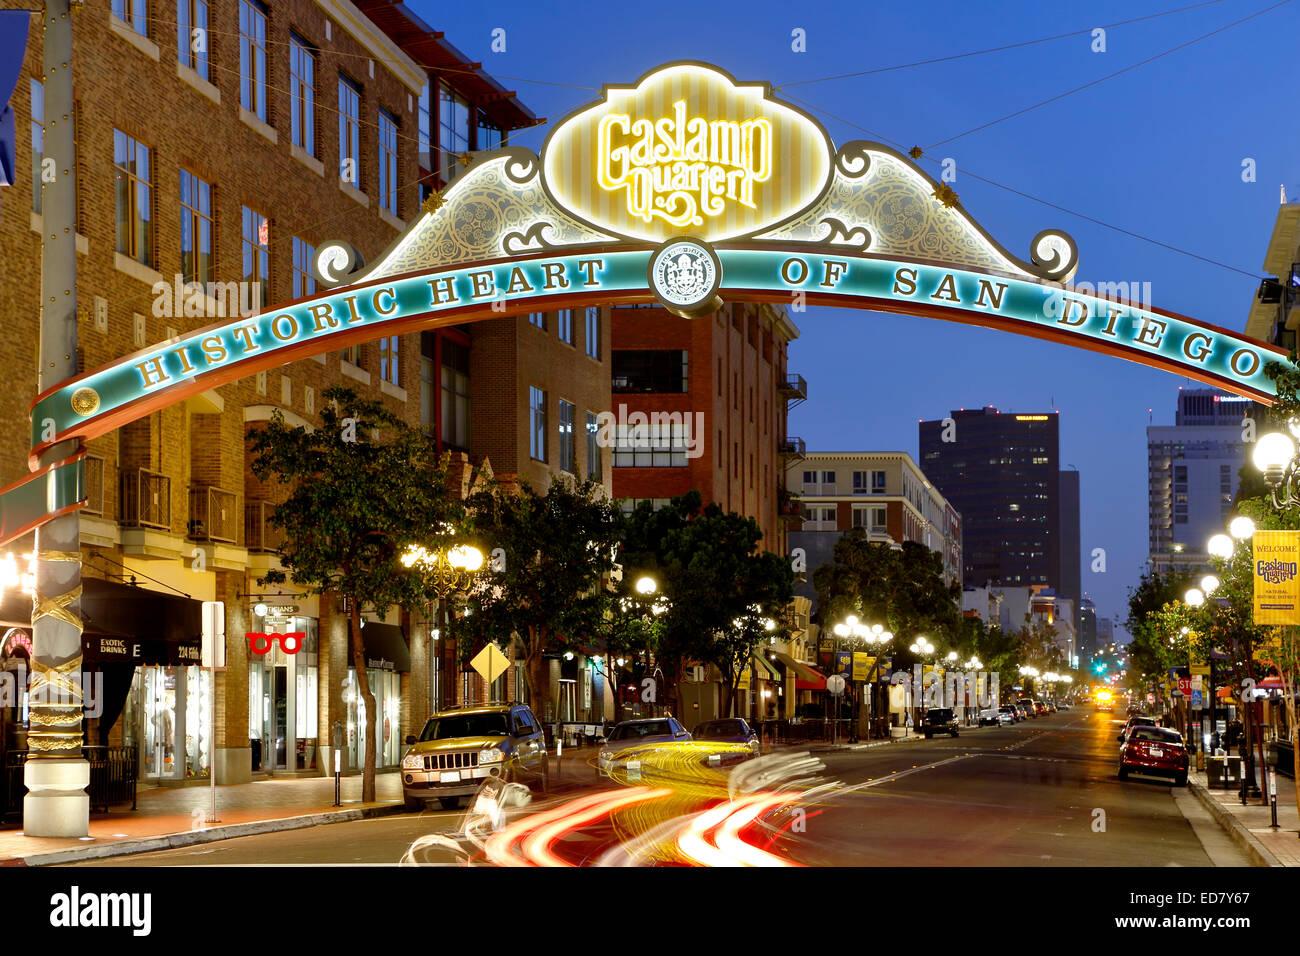 Historique de Gaslamp Quarter, San Diego, California USA Photo Stock